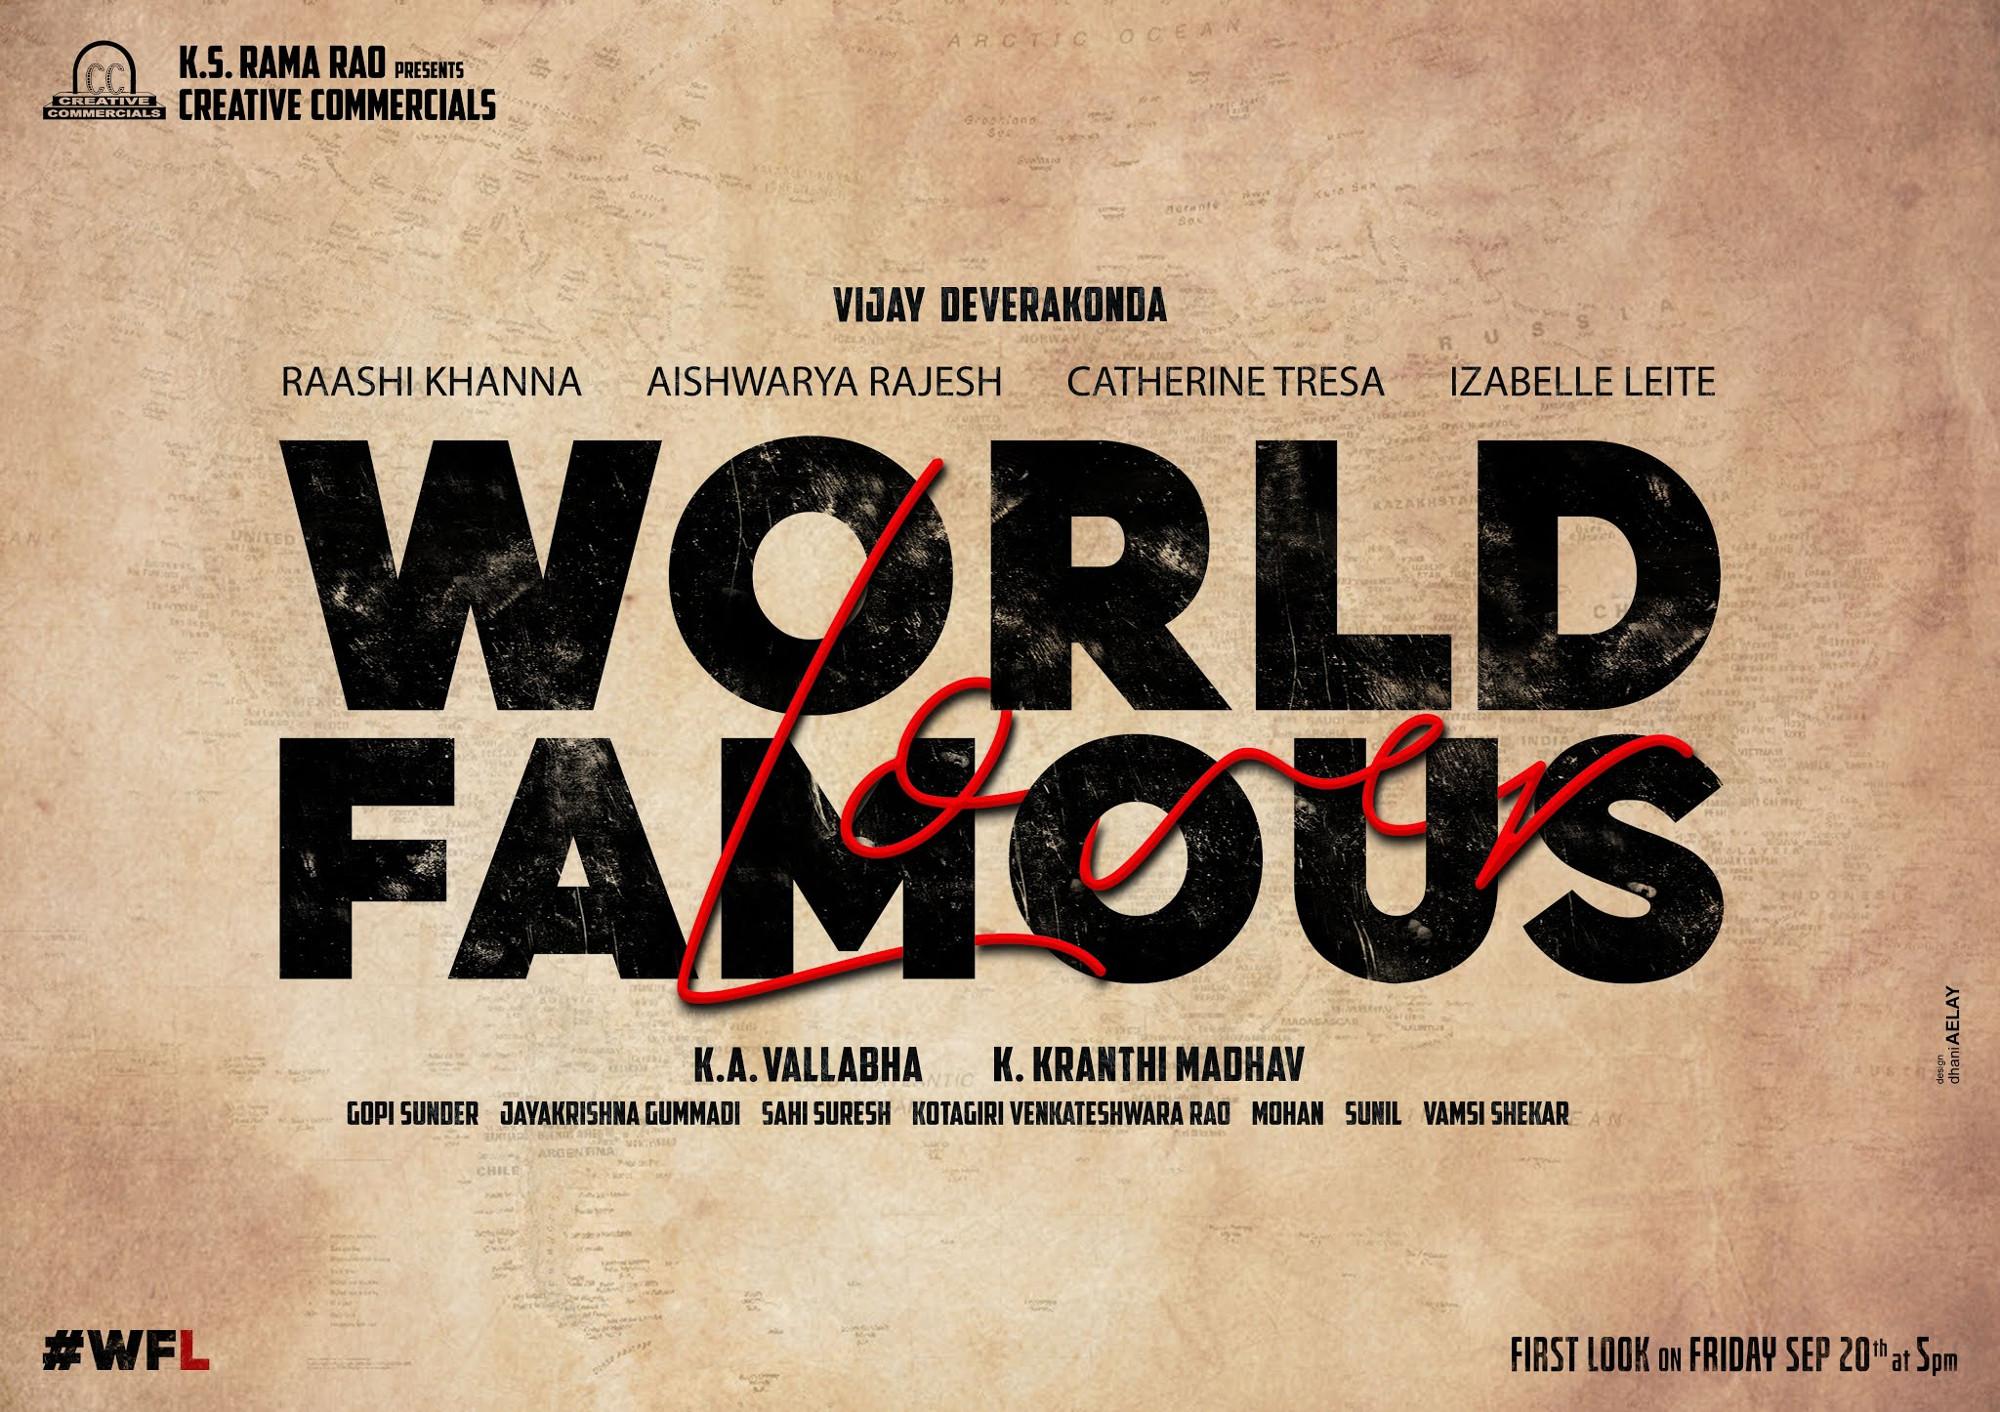 Vijay Deverakonda, Kranthi Madhav, Creative Commercial banner Film Titled World Famous Lover